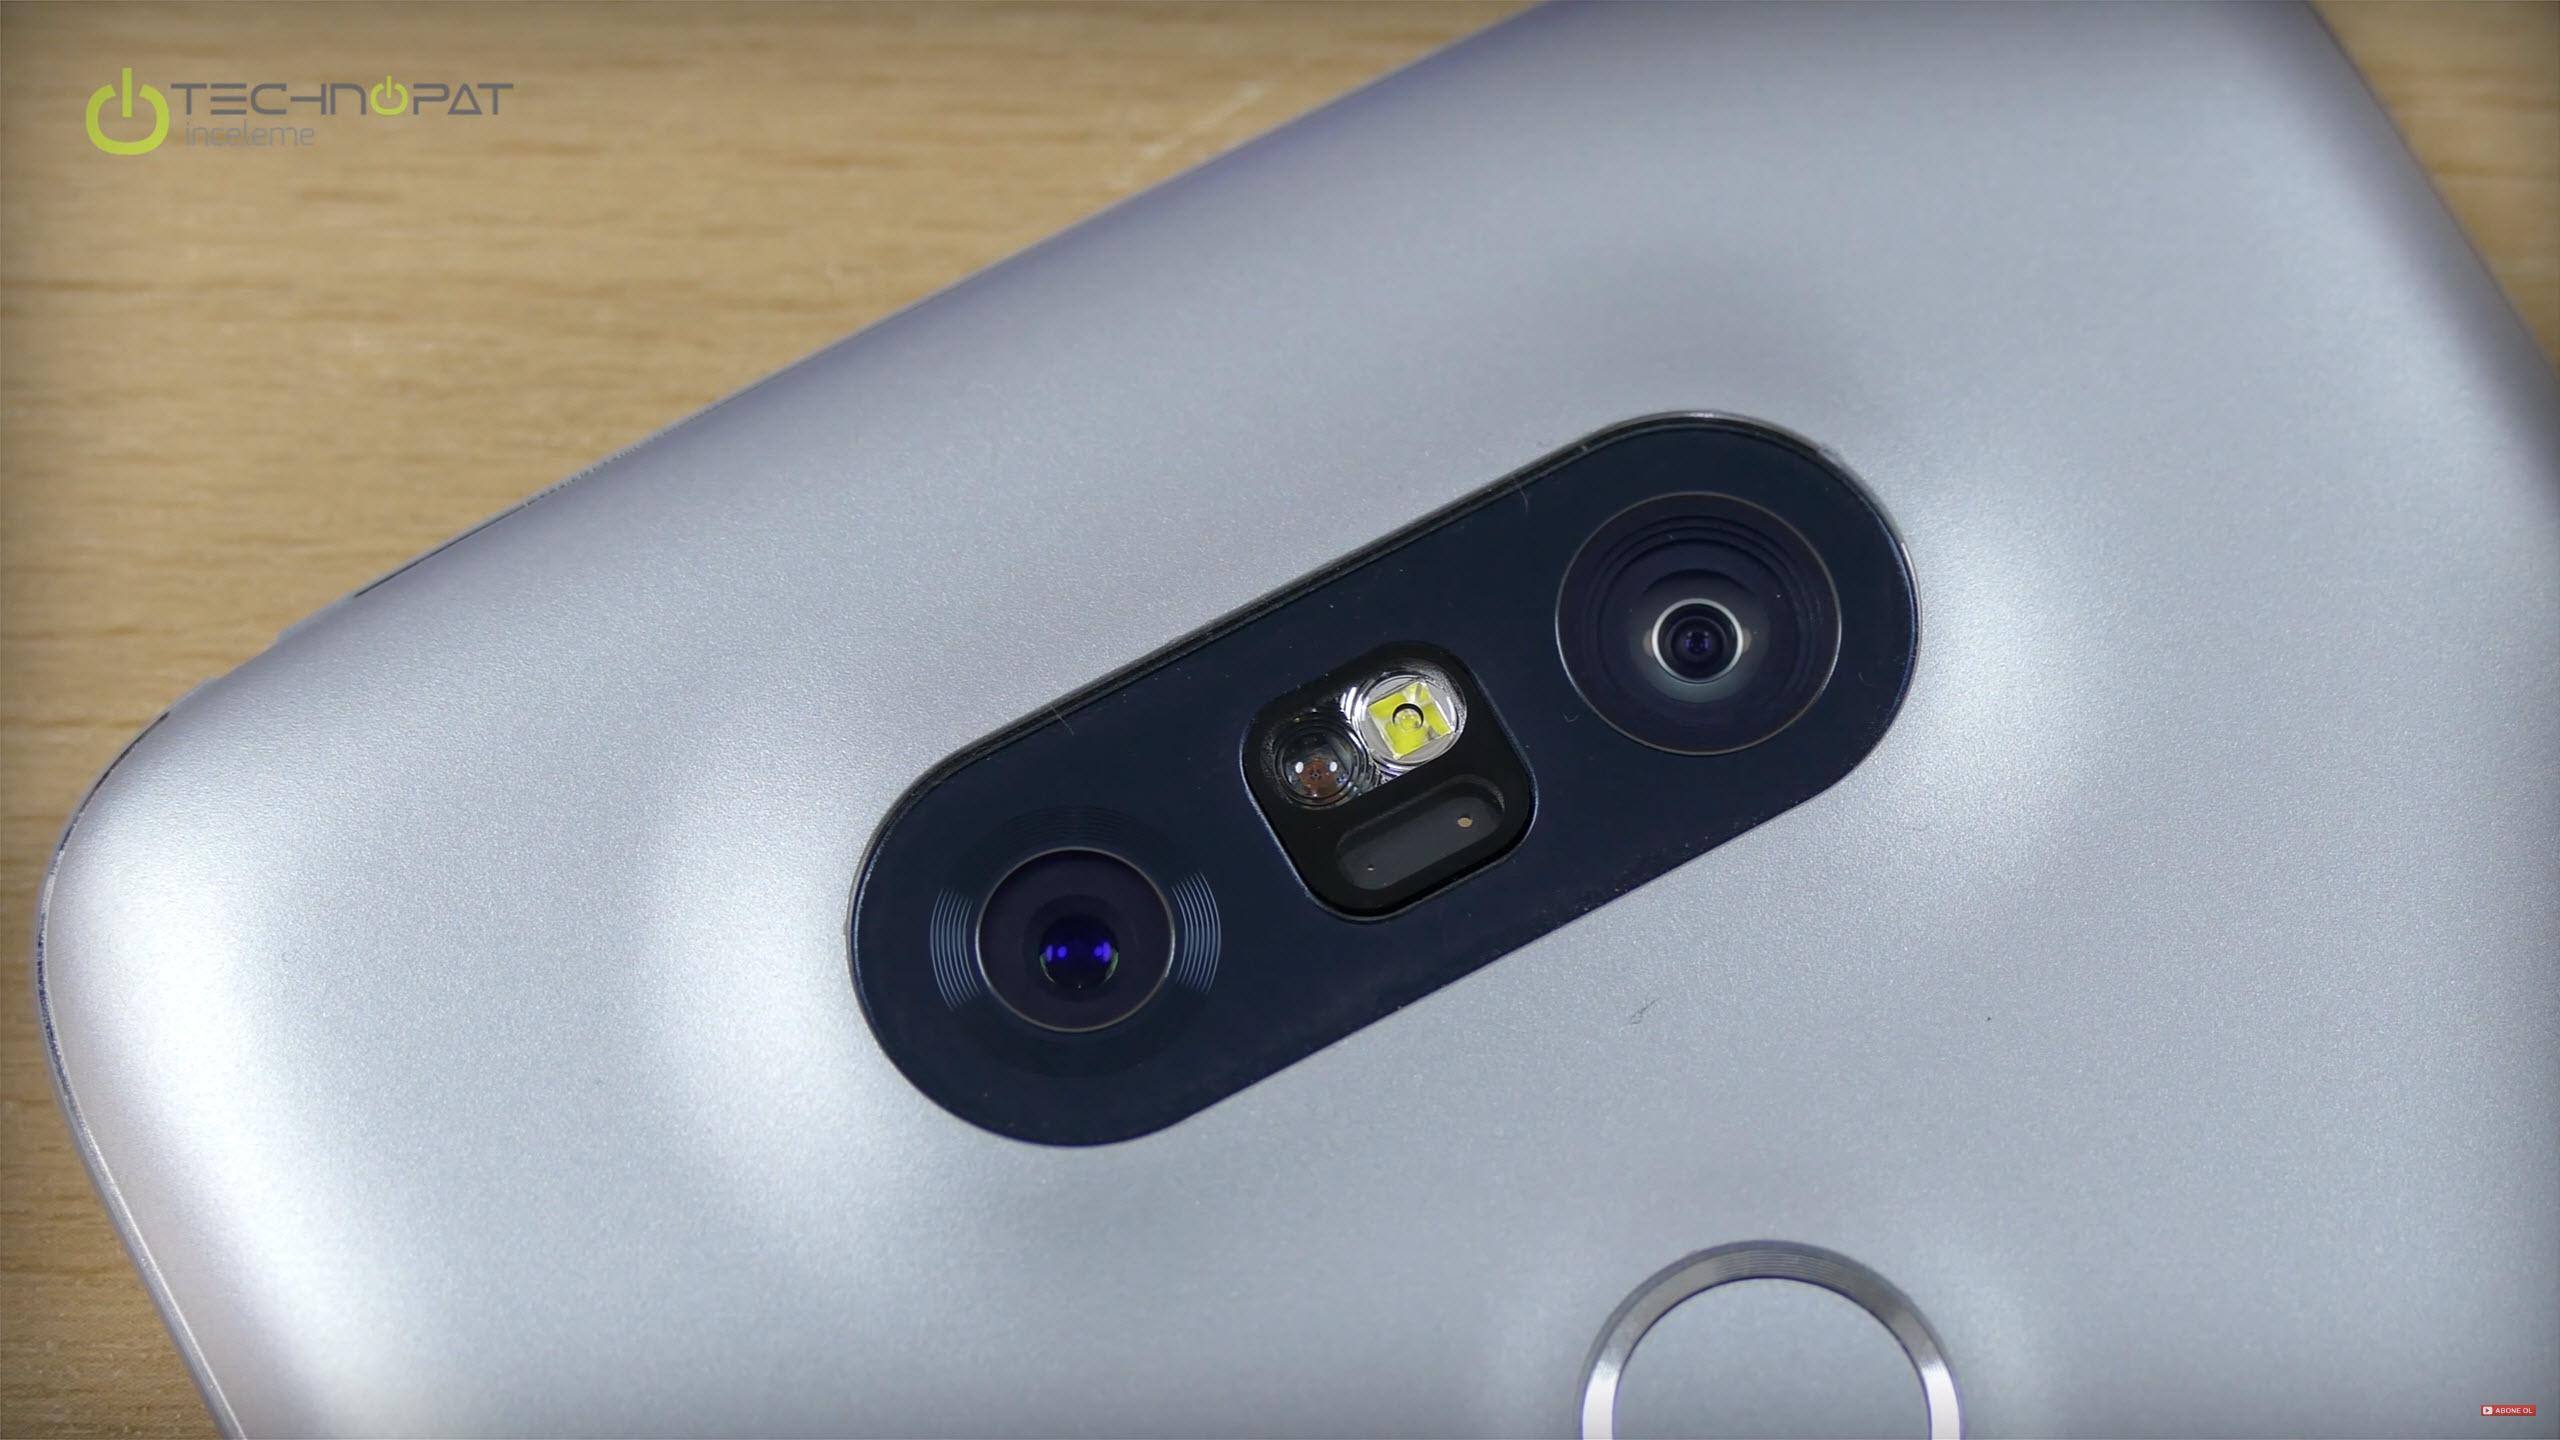 Çift kamerası ile LG G5